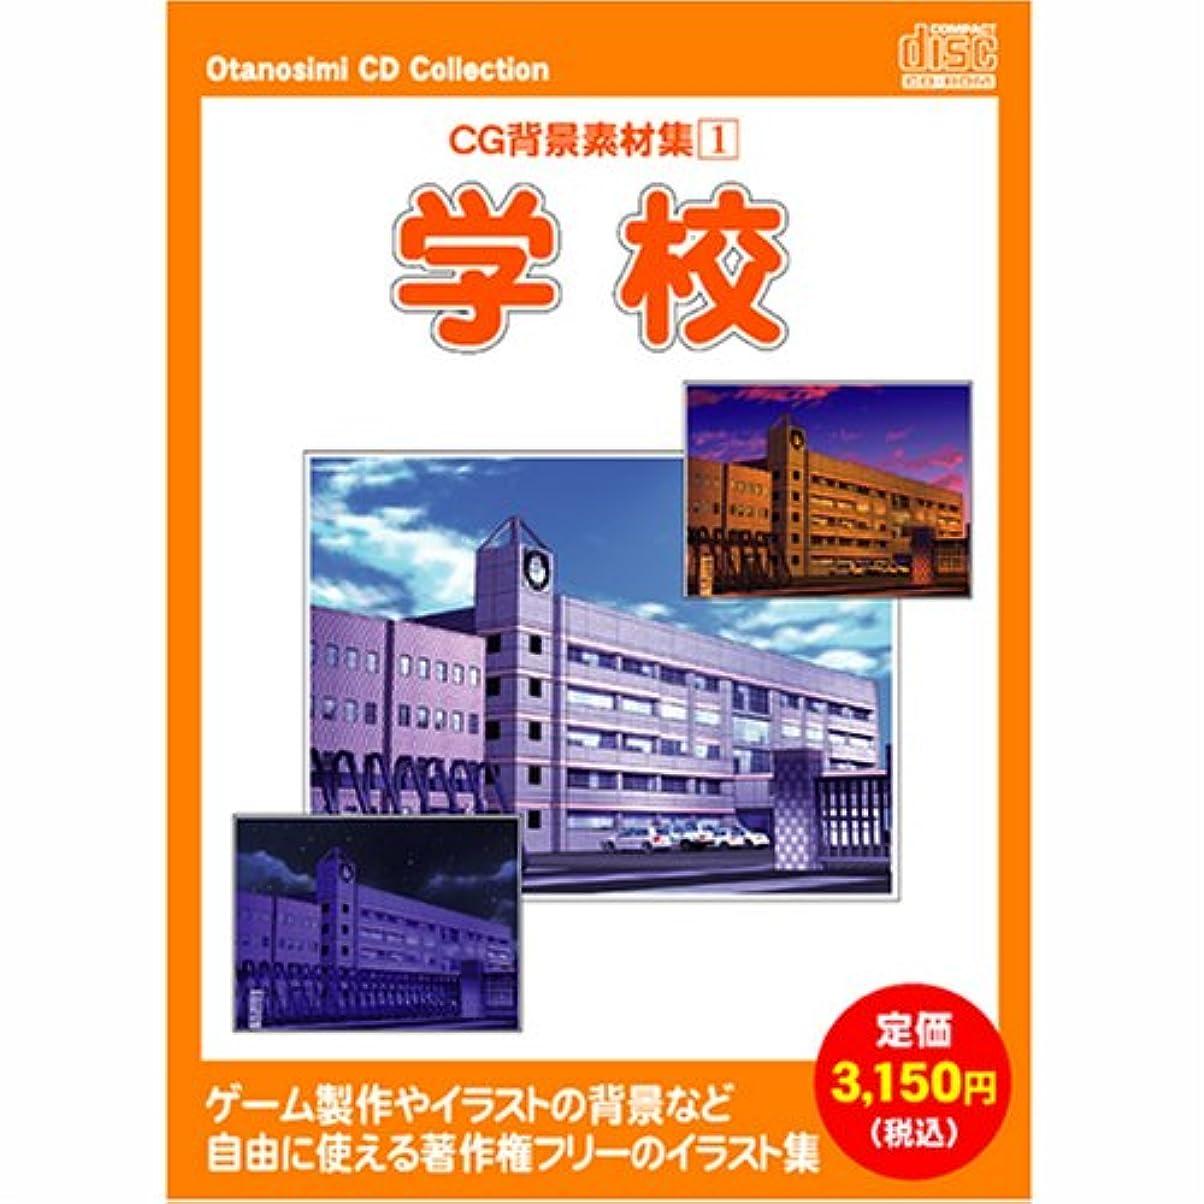 お楽しみCDコレクション 「CG背景素材集 1 学校」